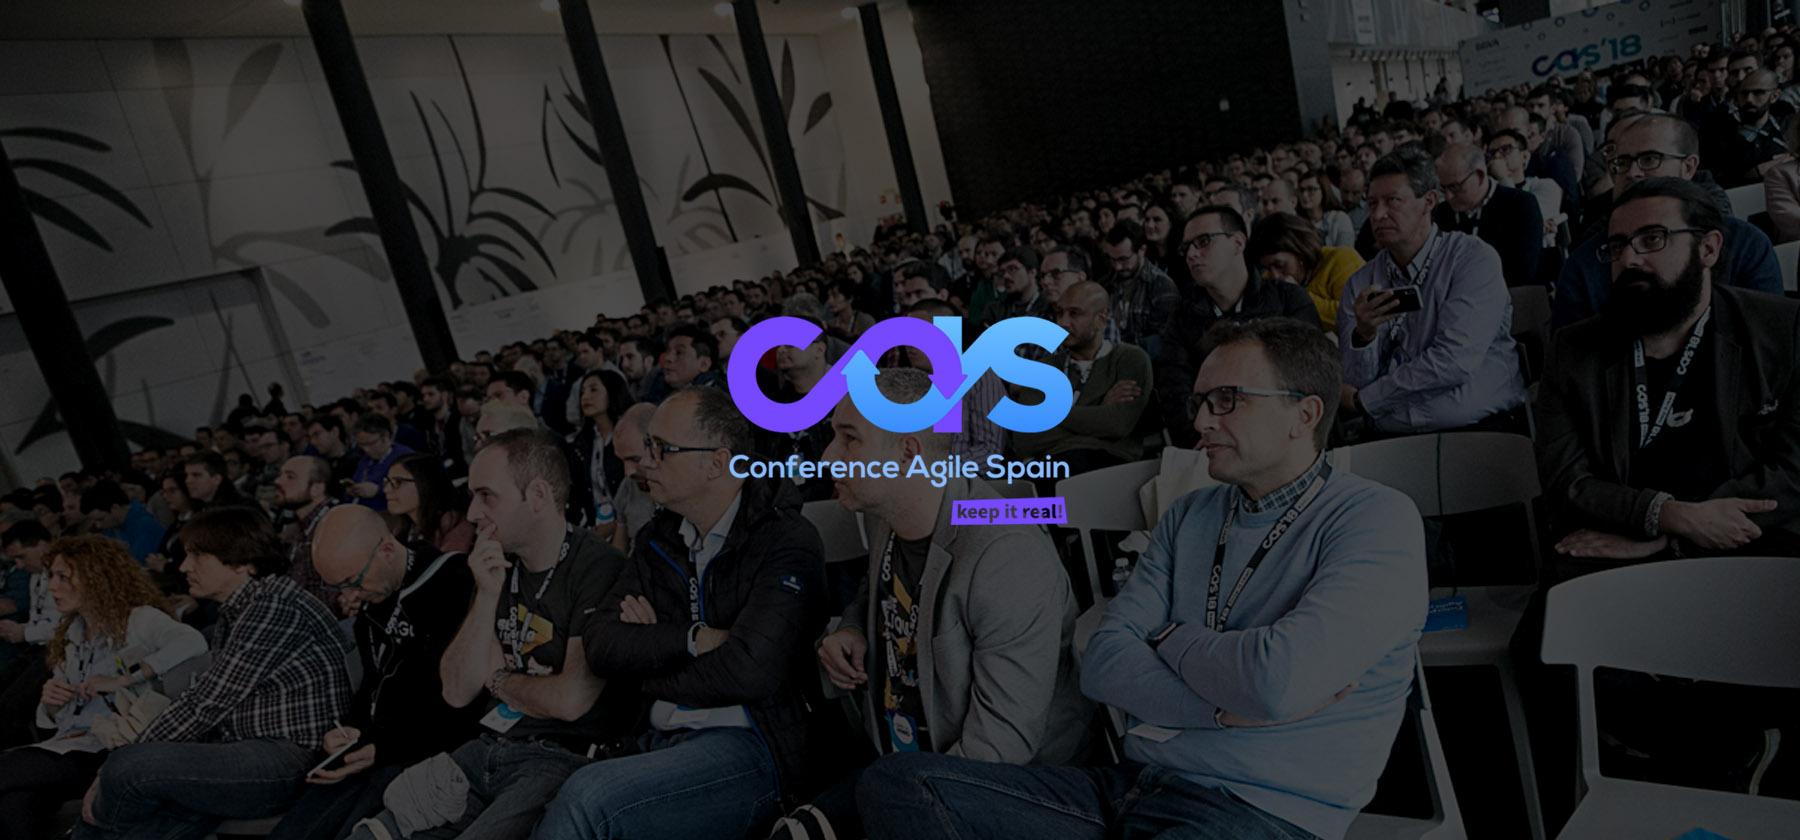 CAS 2018 - Crónica de Conferencia Agile Spain